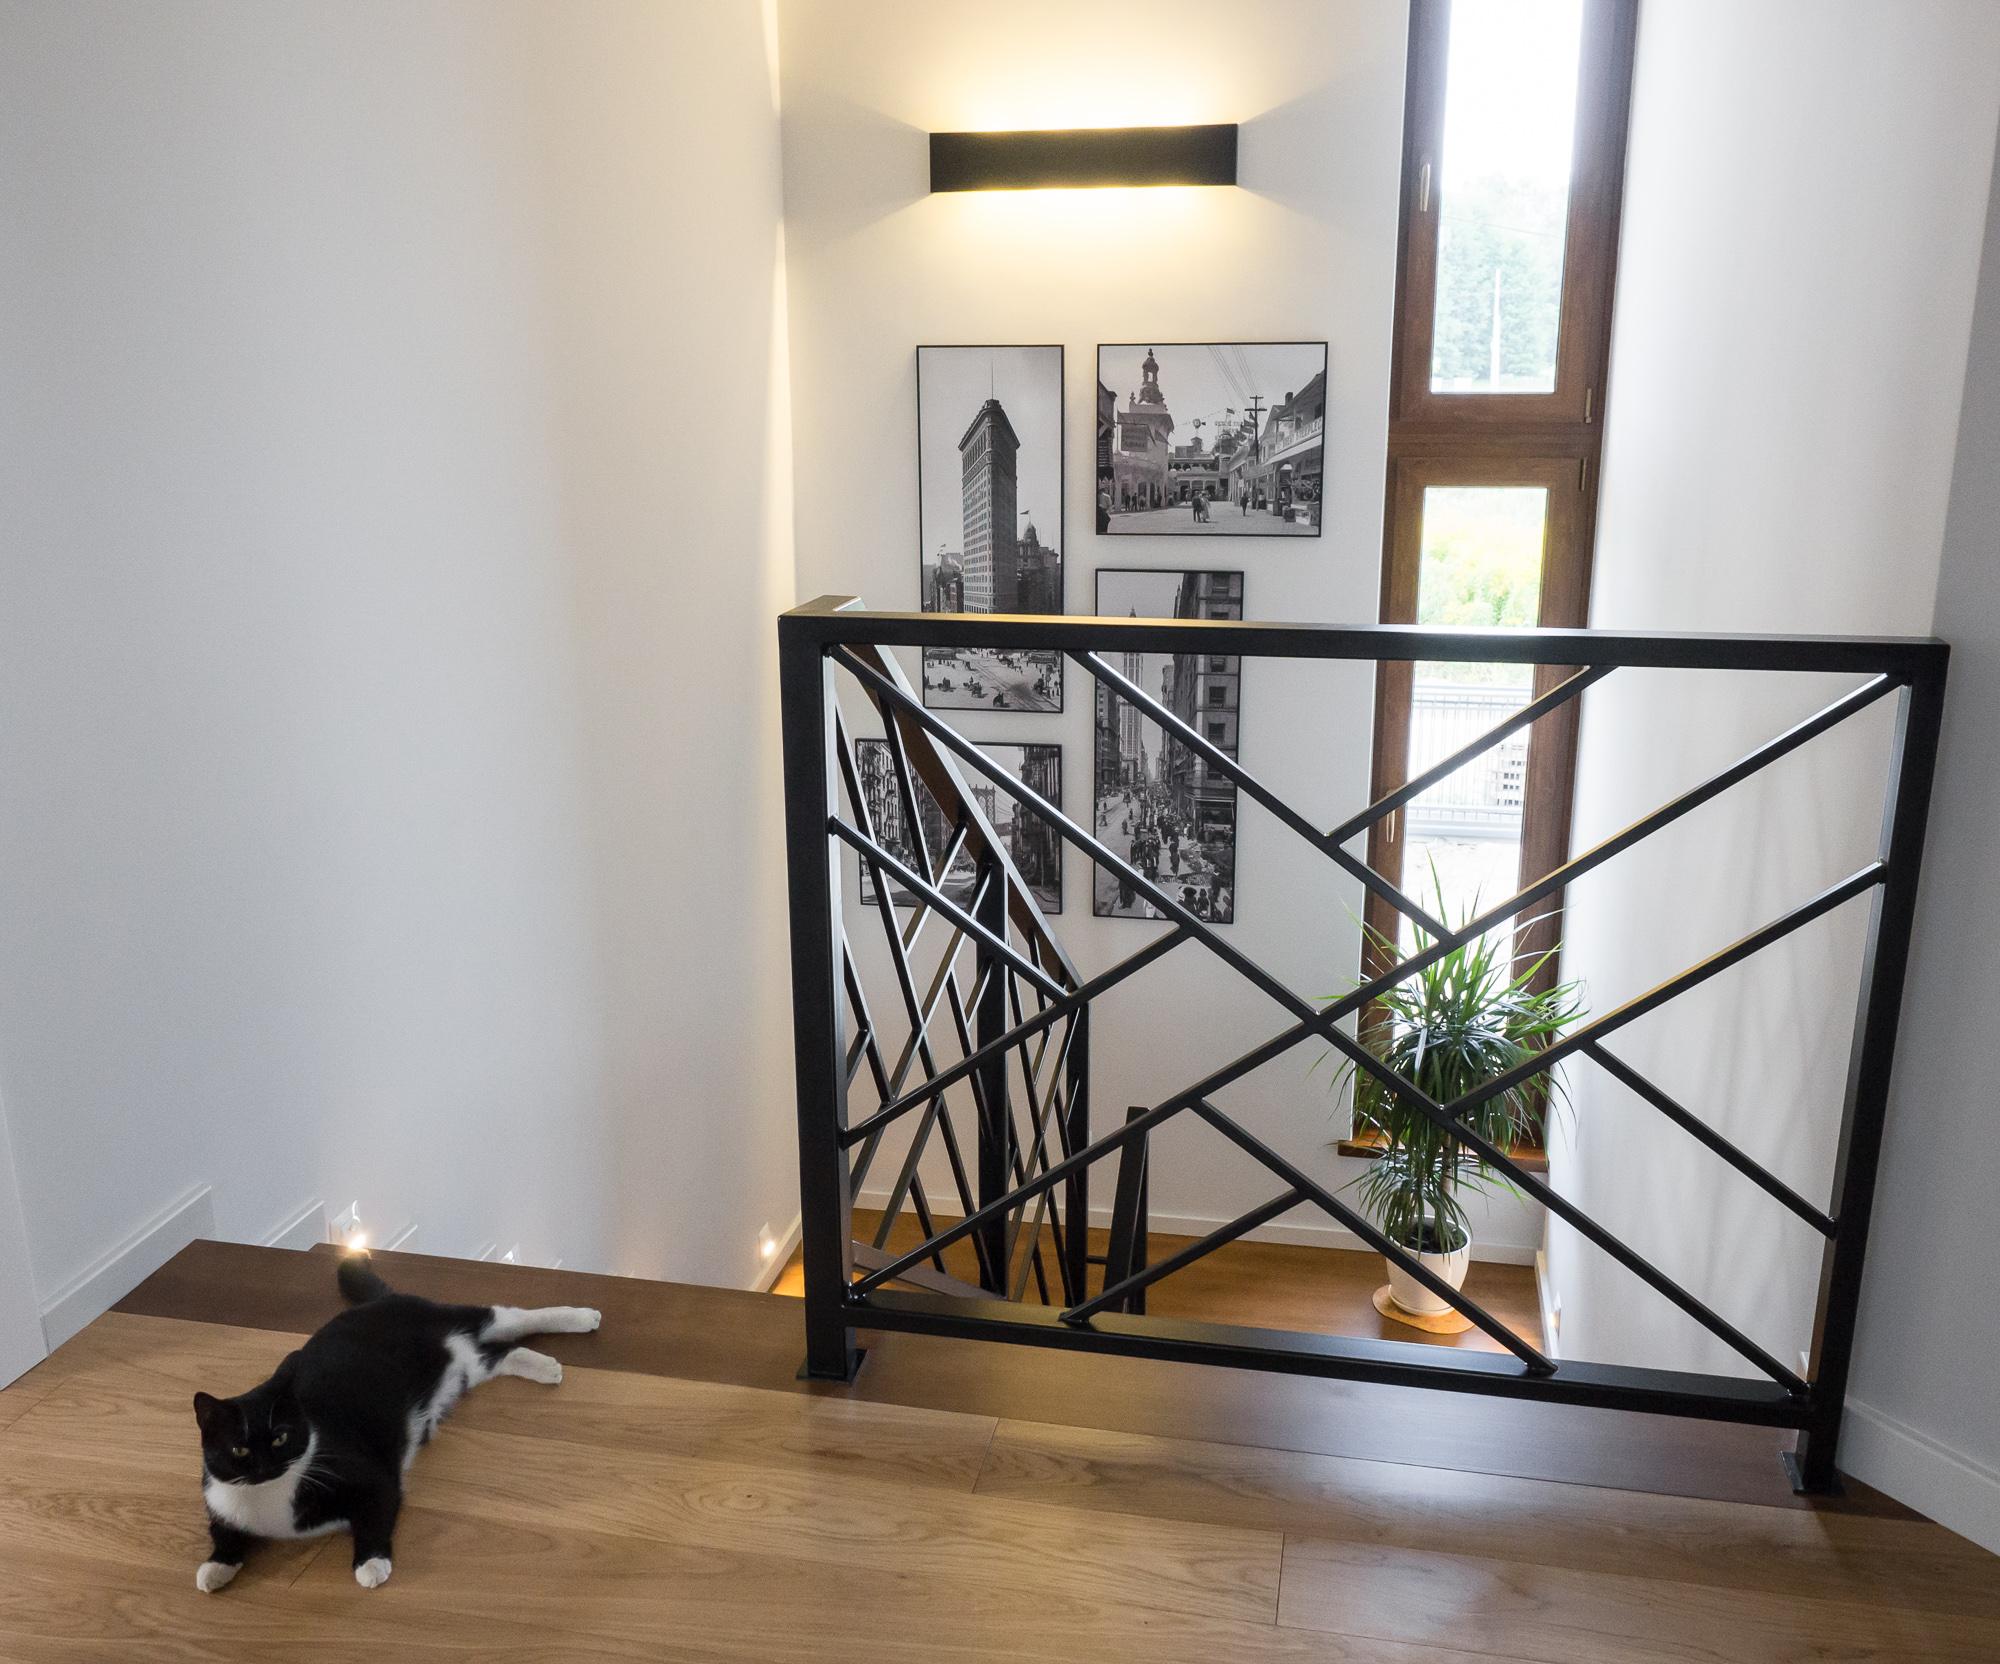 Projektowanie wnętrz Nowoczesny dom w stylu skandynawskim